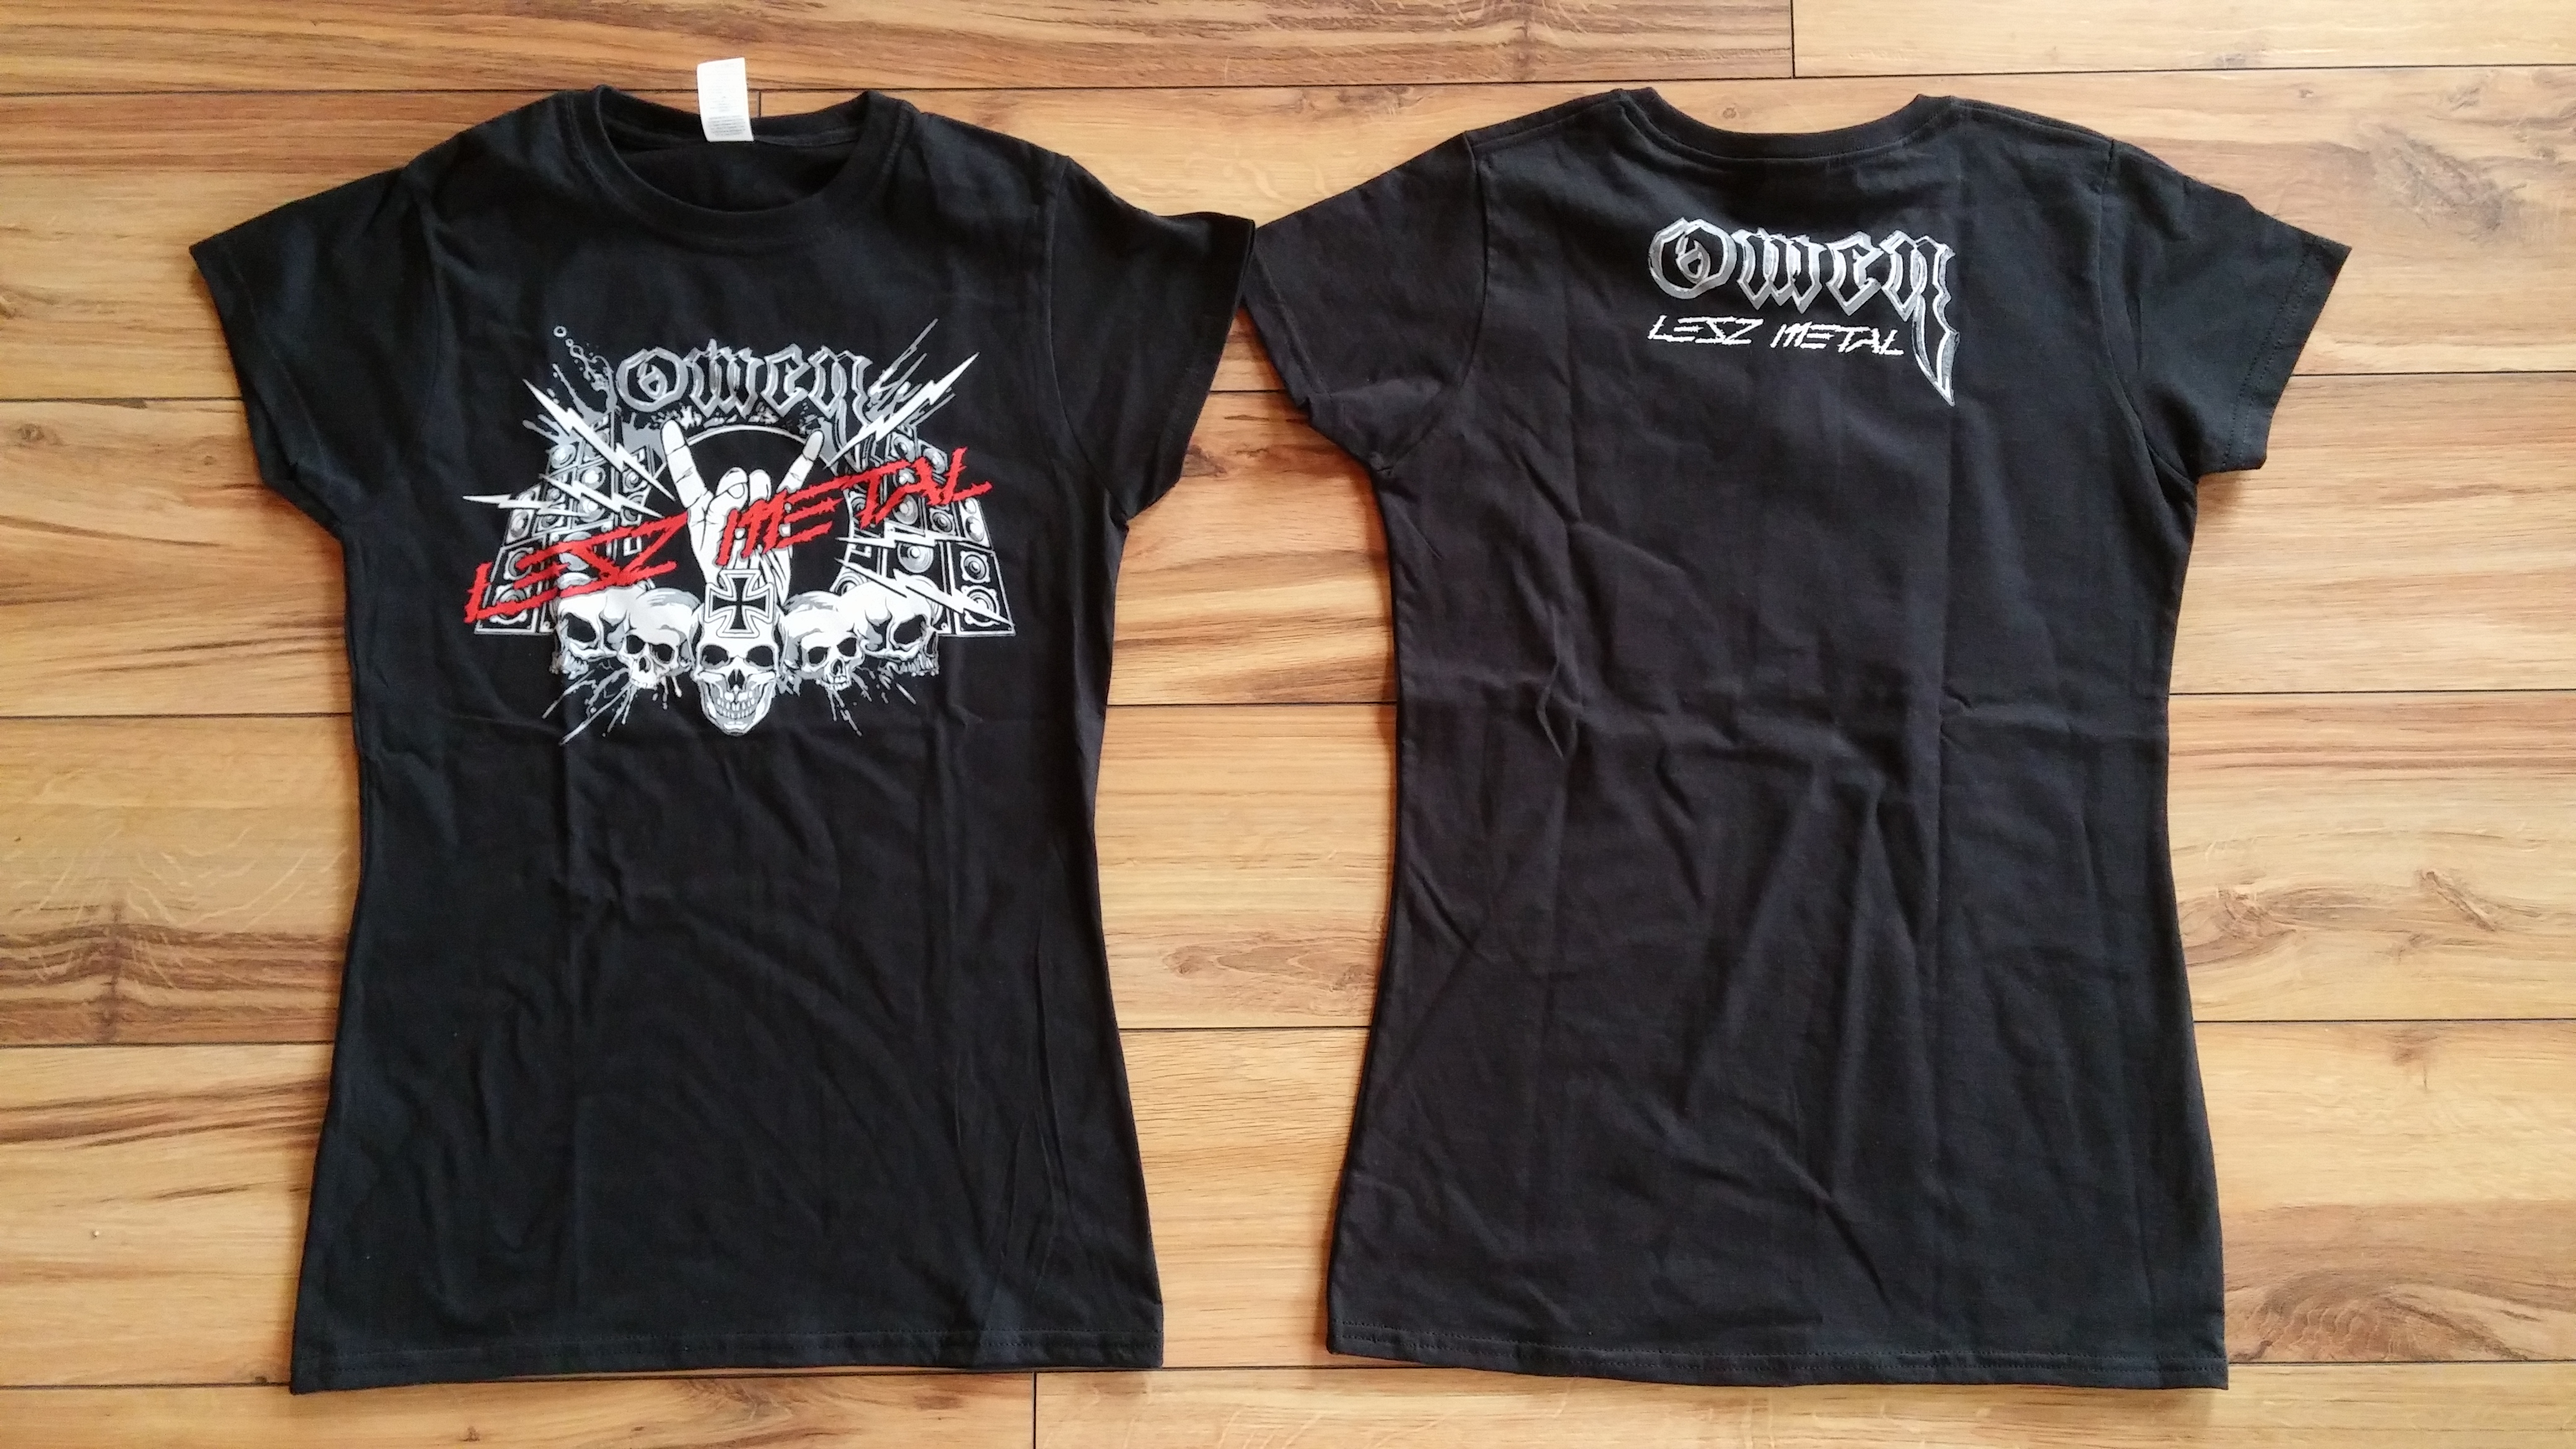 Lesz Metal női póló (Omen webshop)